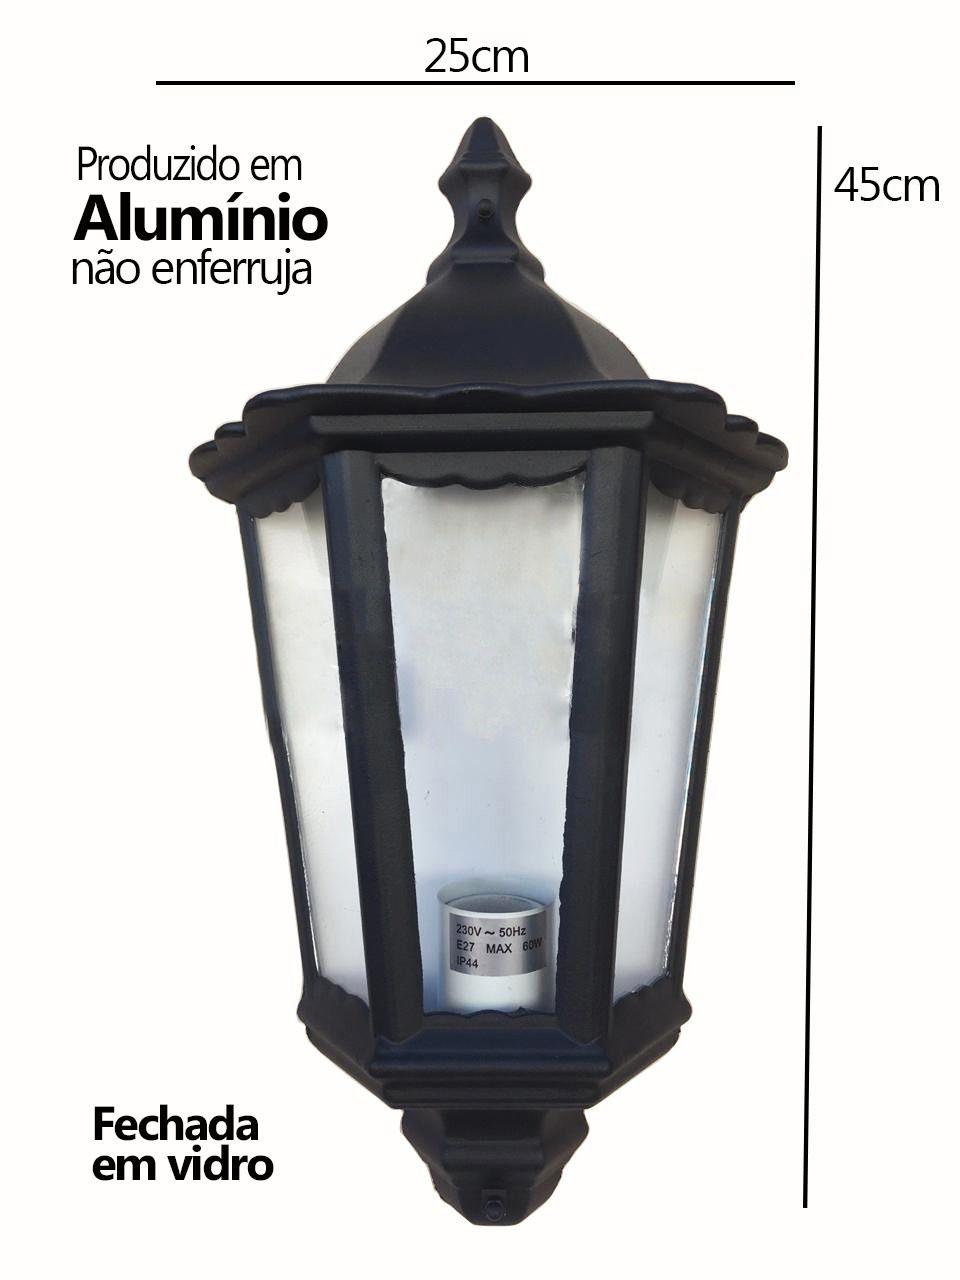 Arandela Colonial Clássica Meia Face 3 Vidros em Alumínio Preto